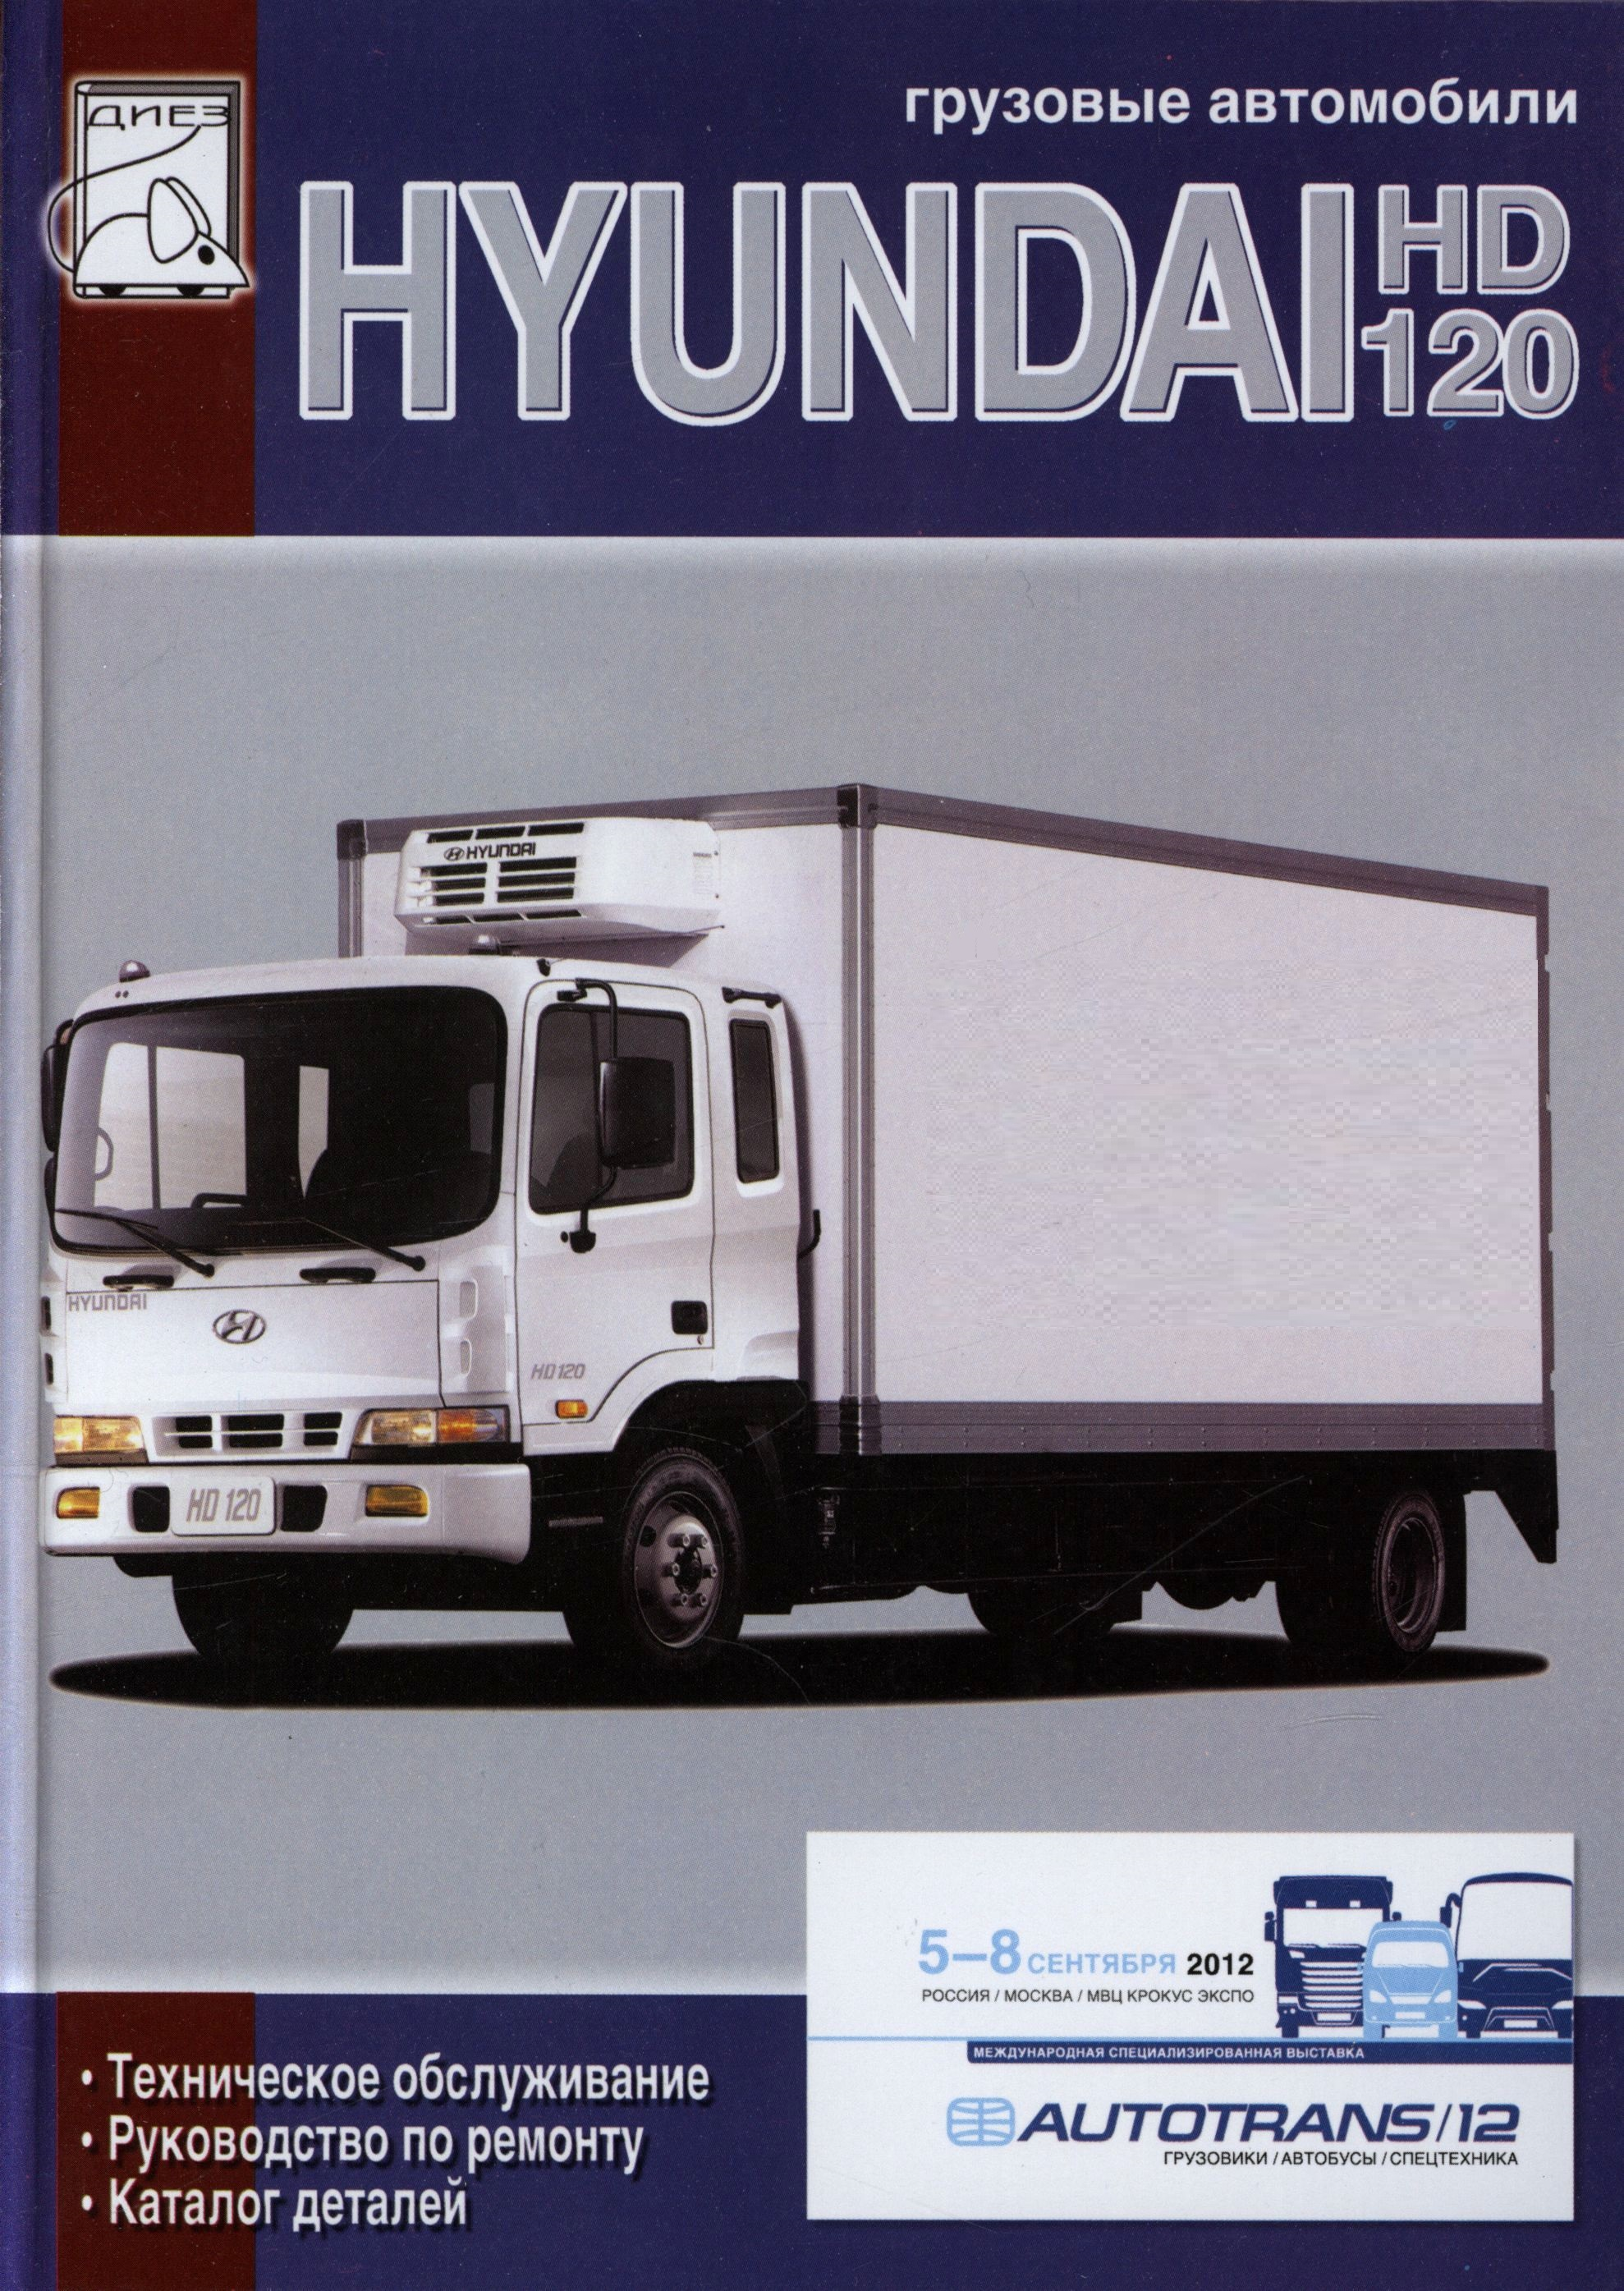 HYUNDAI HD 120 дизель Пособие по ремонту и эксплуатации + каталог запчастей